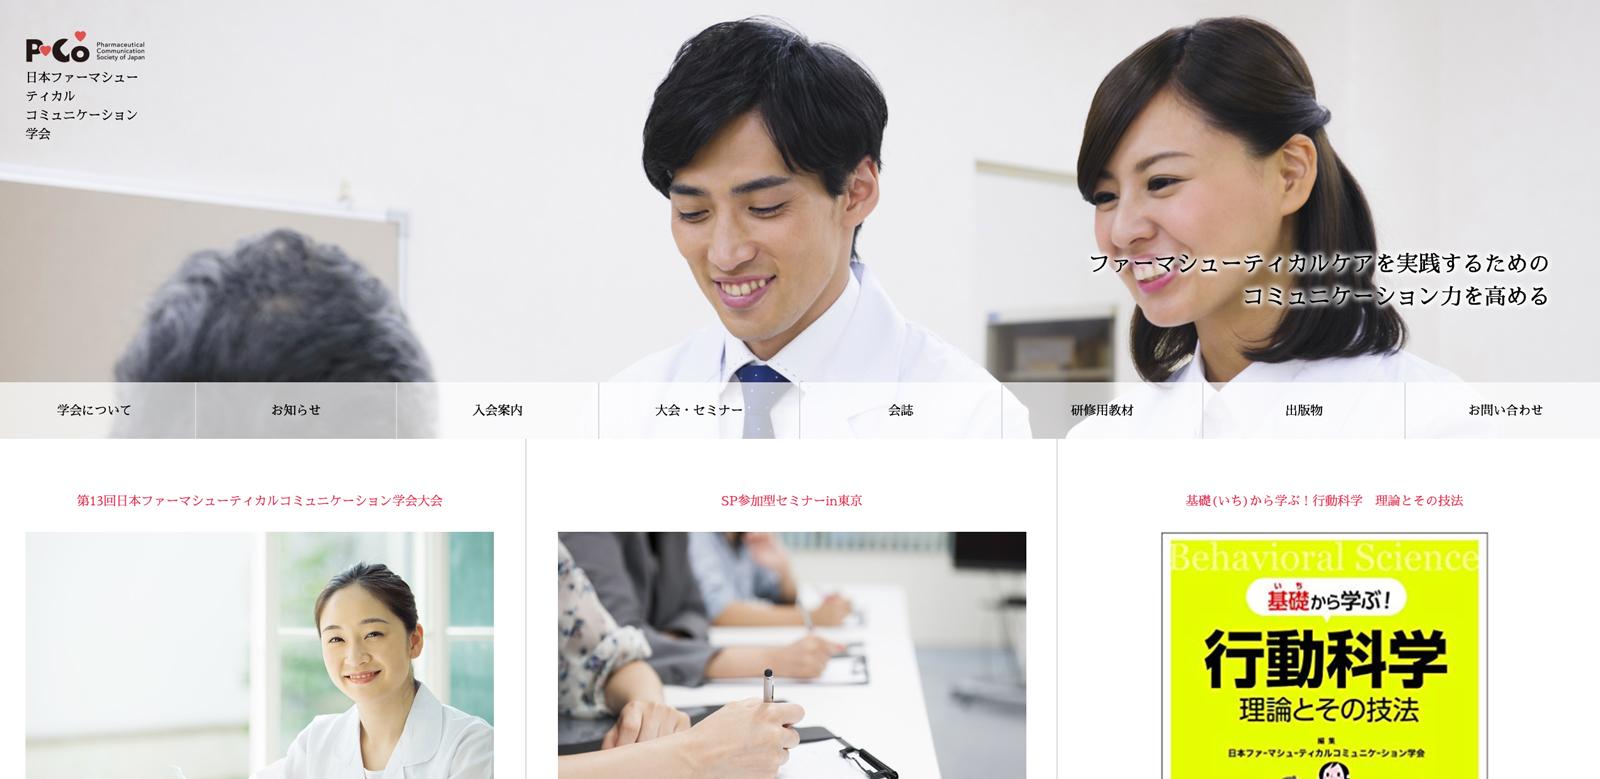 日本ファーマシューティカルコミュニケーション学会トップページイメージ